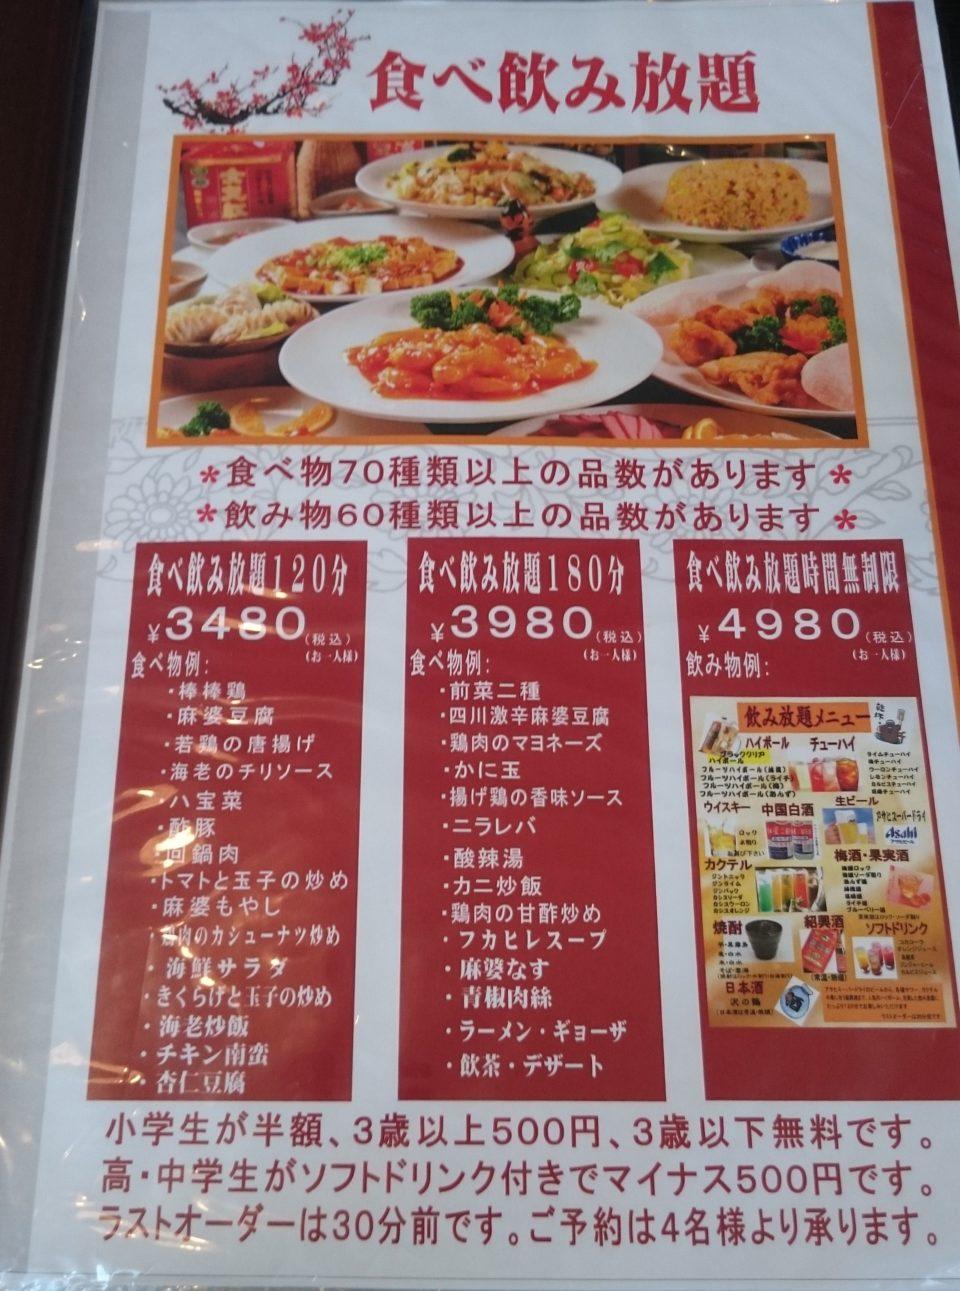 中華香香 飲み食べ放題 メニュー